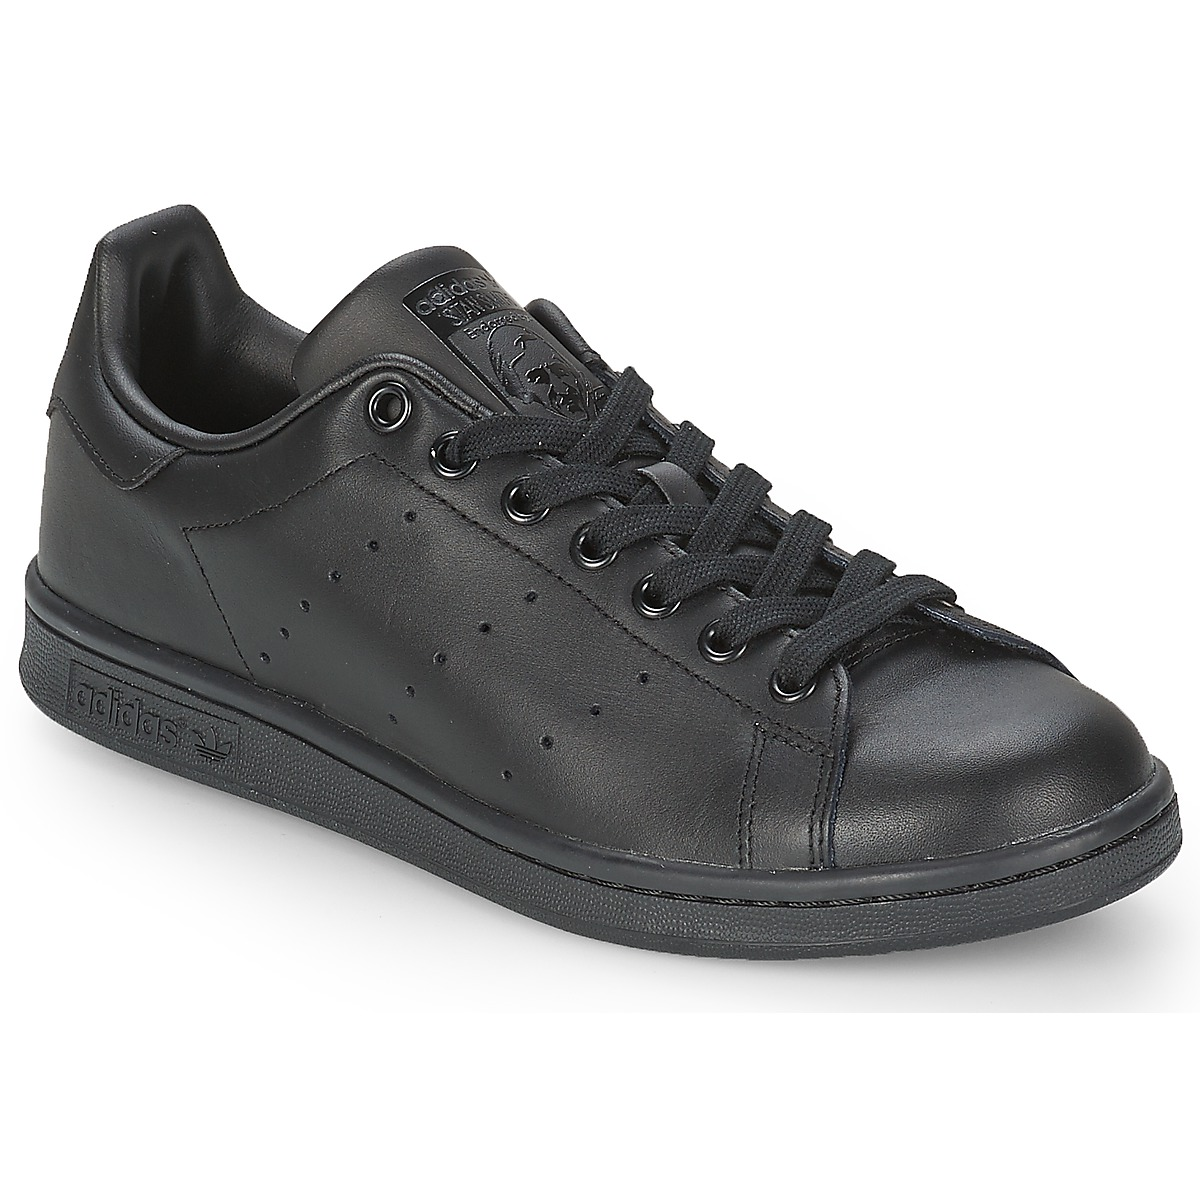 1e49060c845feb adidas Originals STAN SMITH Schwarz - Kostenloser Versand bei Spartoode ! -  Schuhe Sneaker Low 94